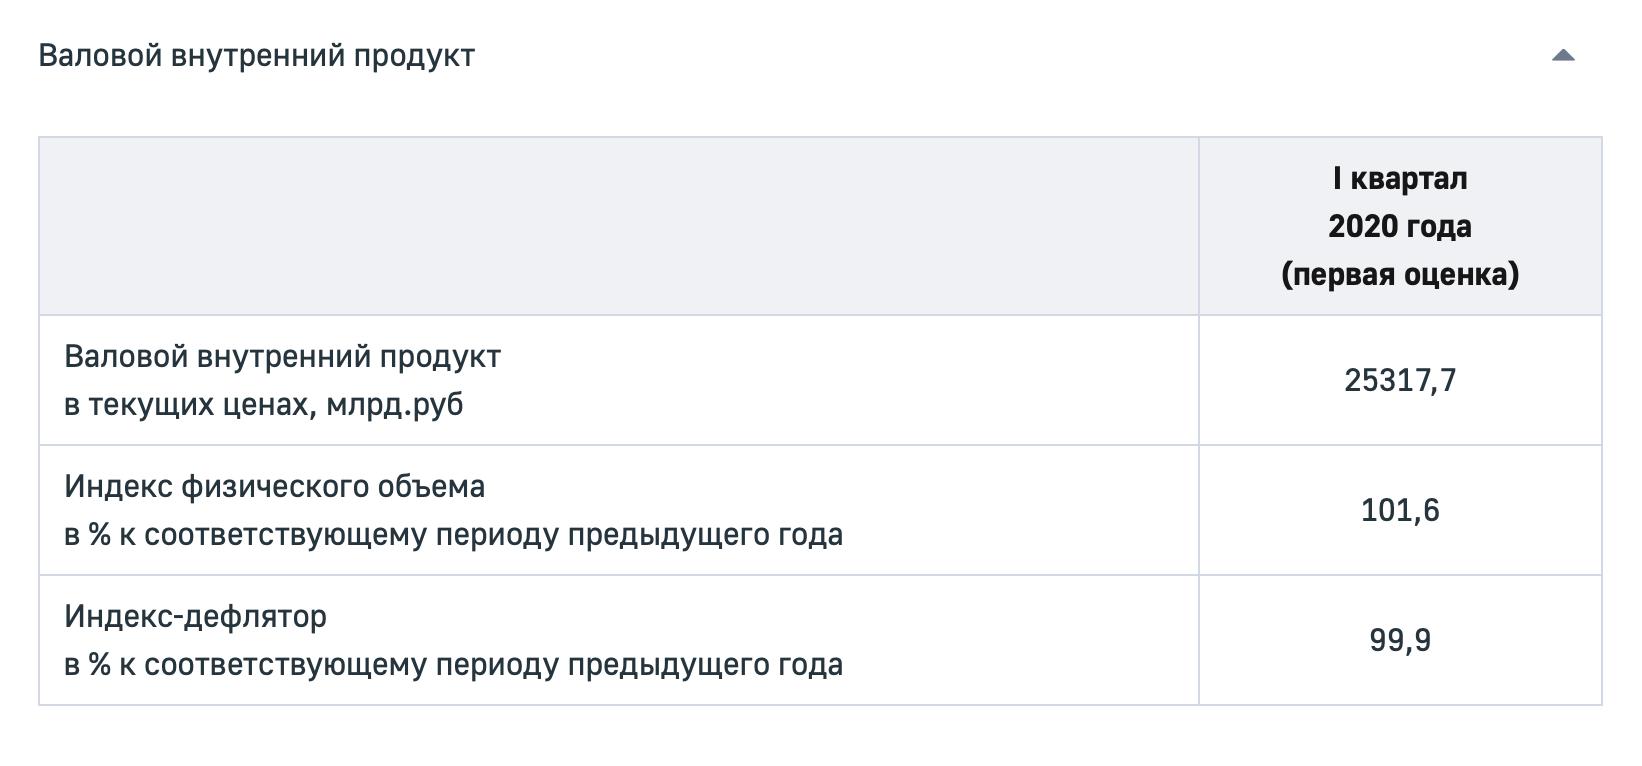 Индекс-дефлятор можно найти в разделе «Национальные счета» на сайте Росстата. Если цифра меньше100, значит, цены текущего периода ниже, чем цены предыдущего. И наоборот: если цифра больше100, значит, цены текущего периода выше, чем цены предыдущего